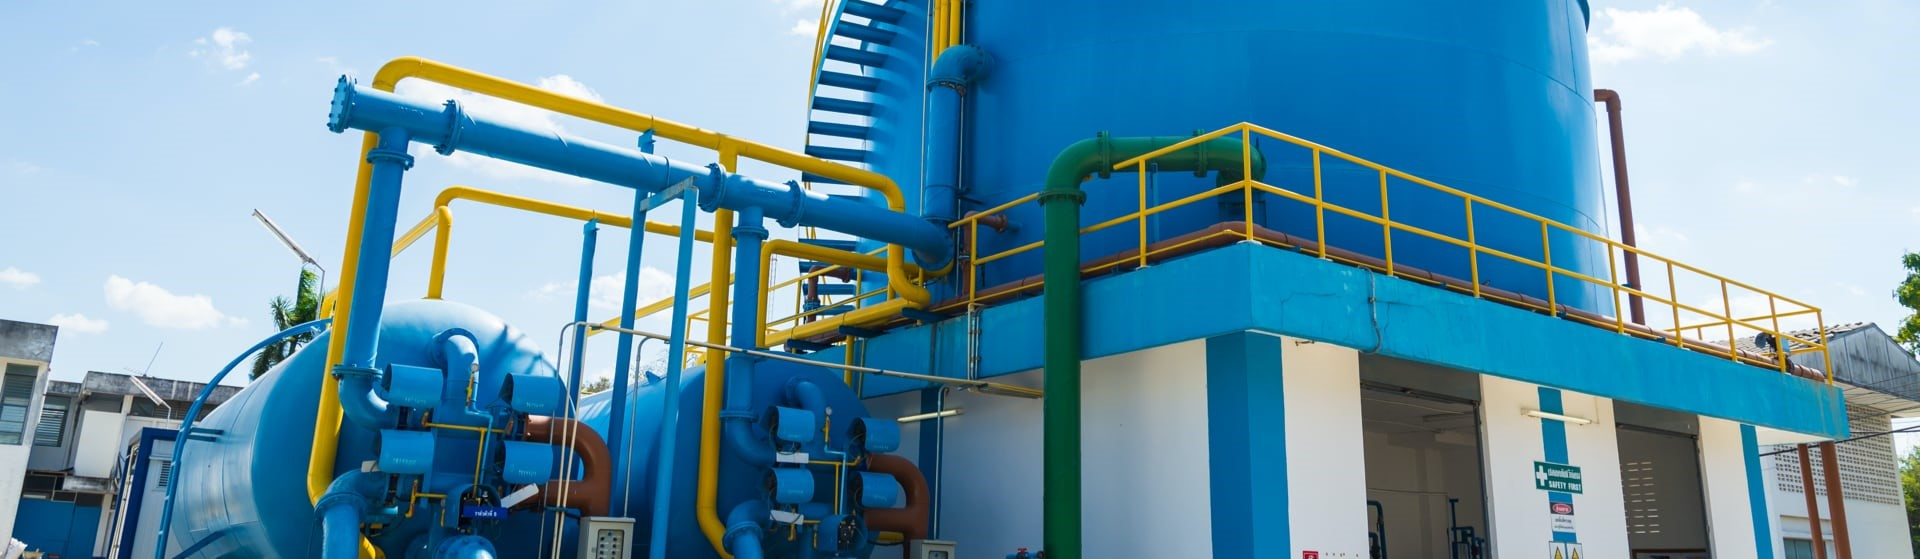 Gestionamos sistemas de saneamiento municipales y privados